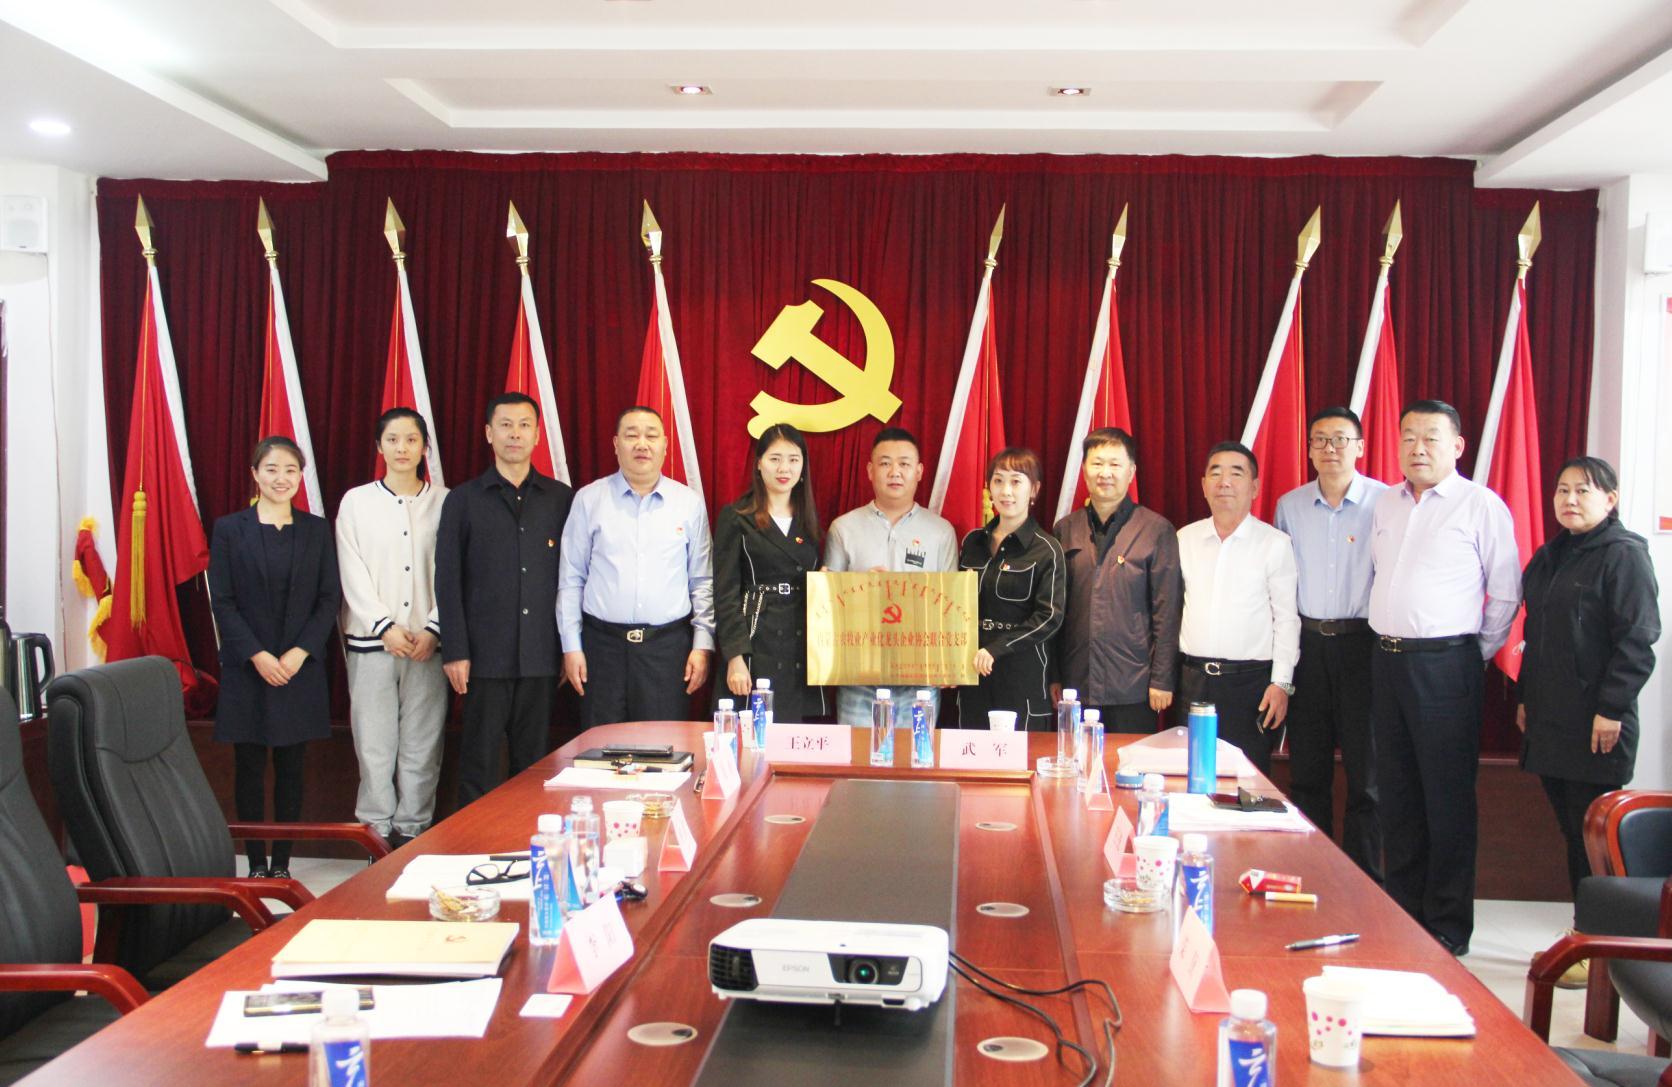 雷竞技app官网-类似雷竞技-雷竞技raybet提现联合党支部成立大会在呼和浩特市成功召开